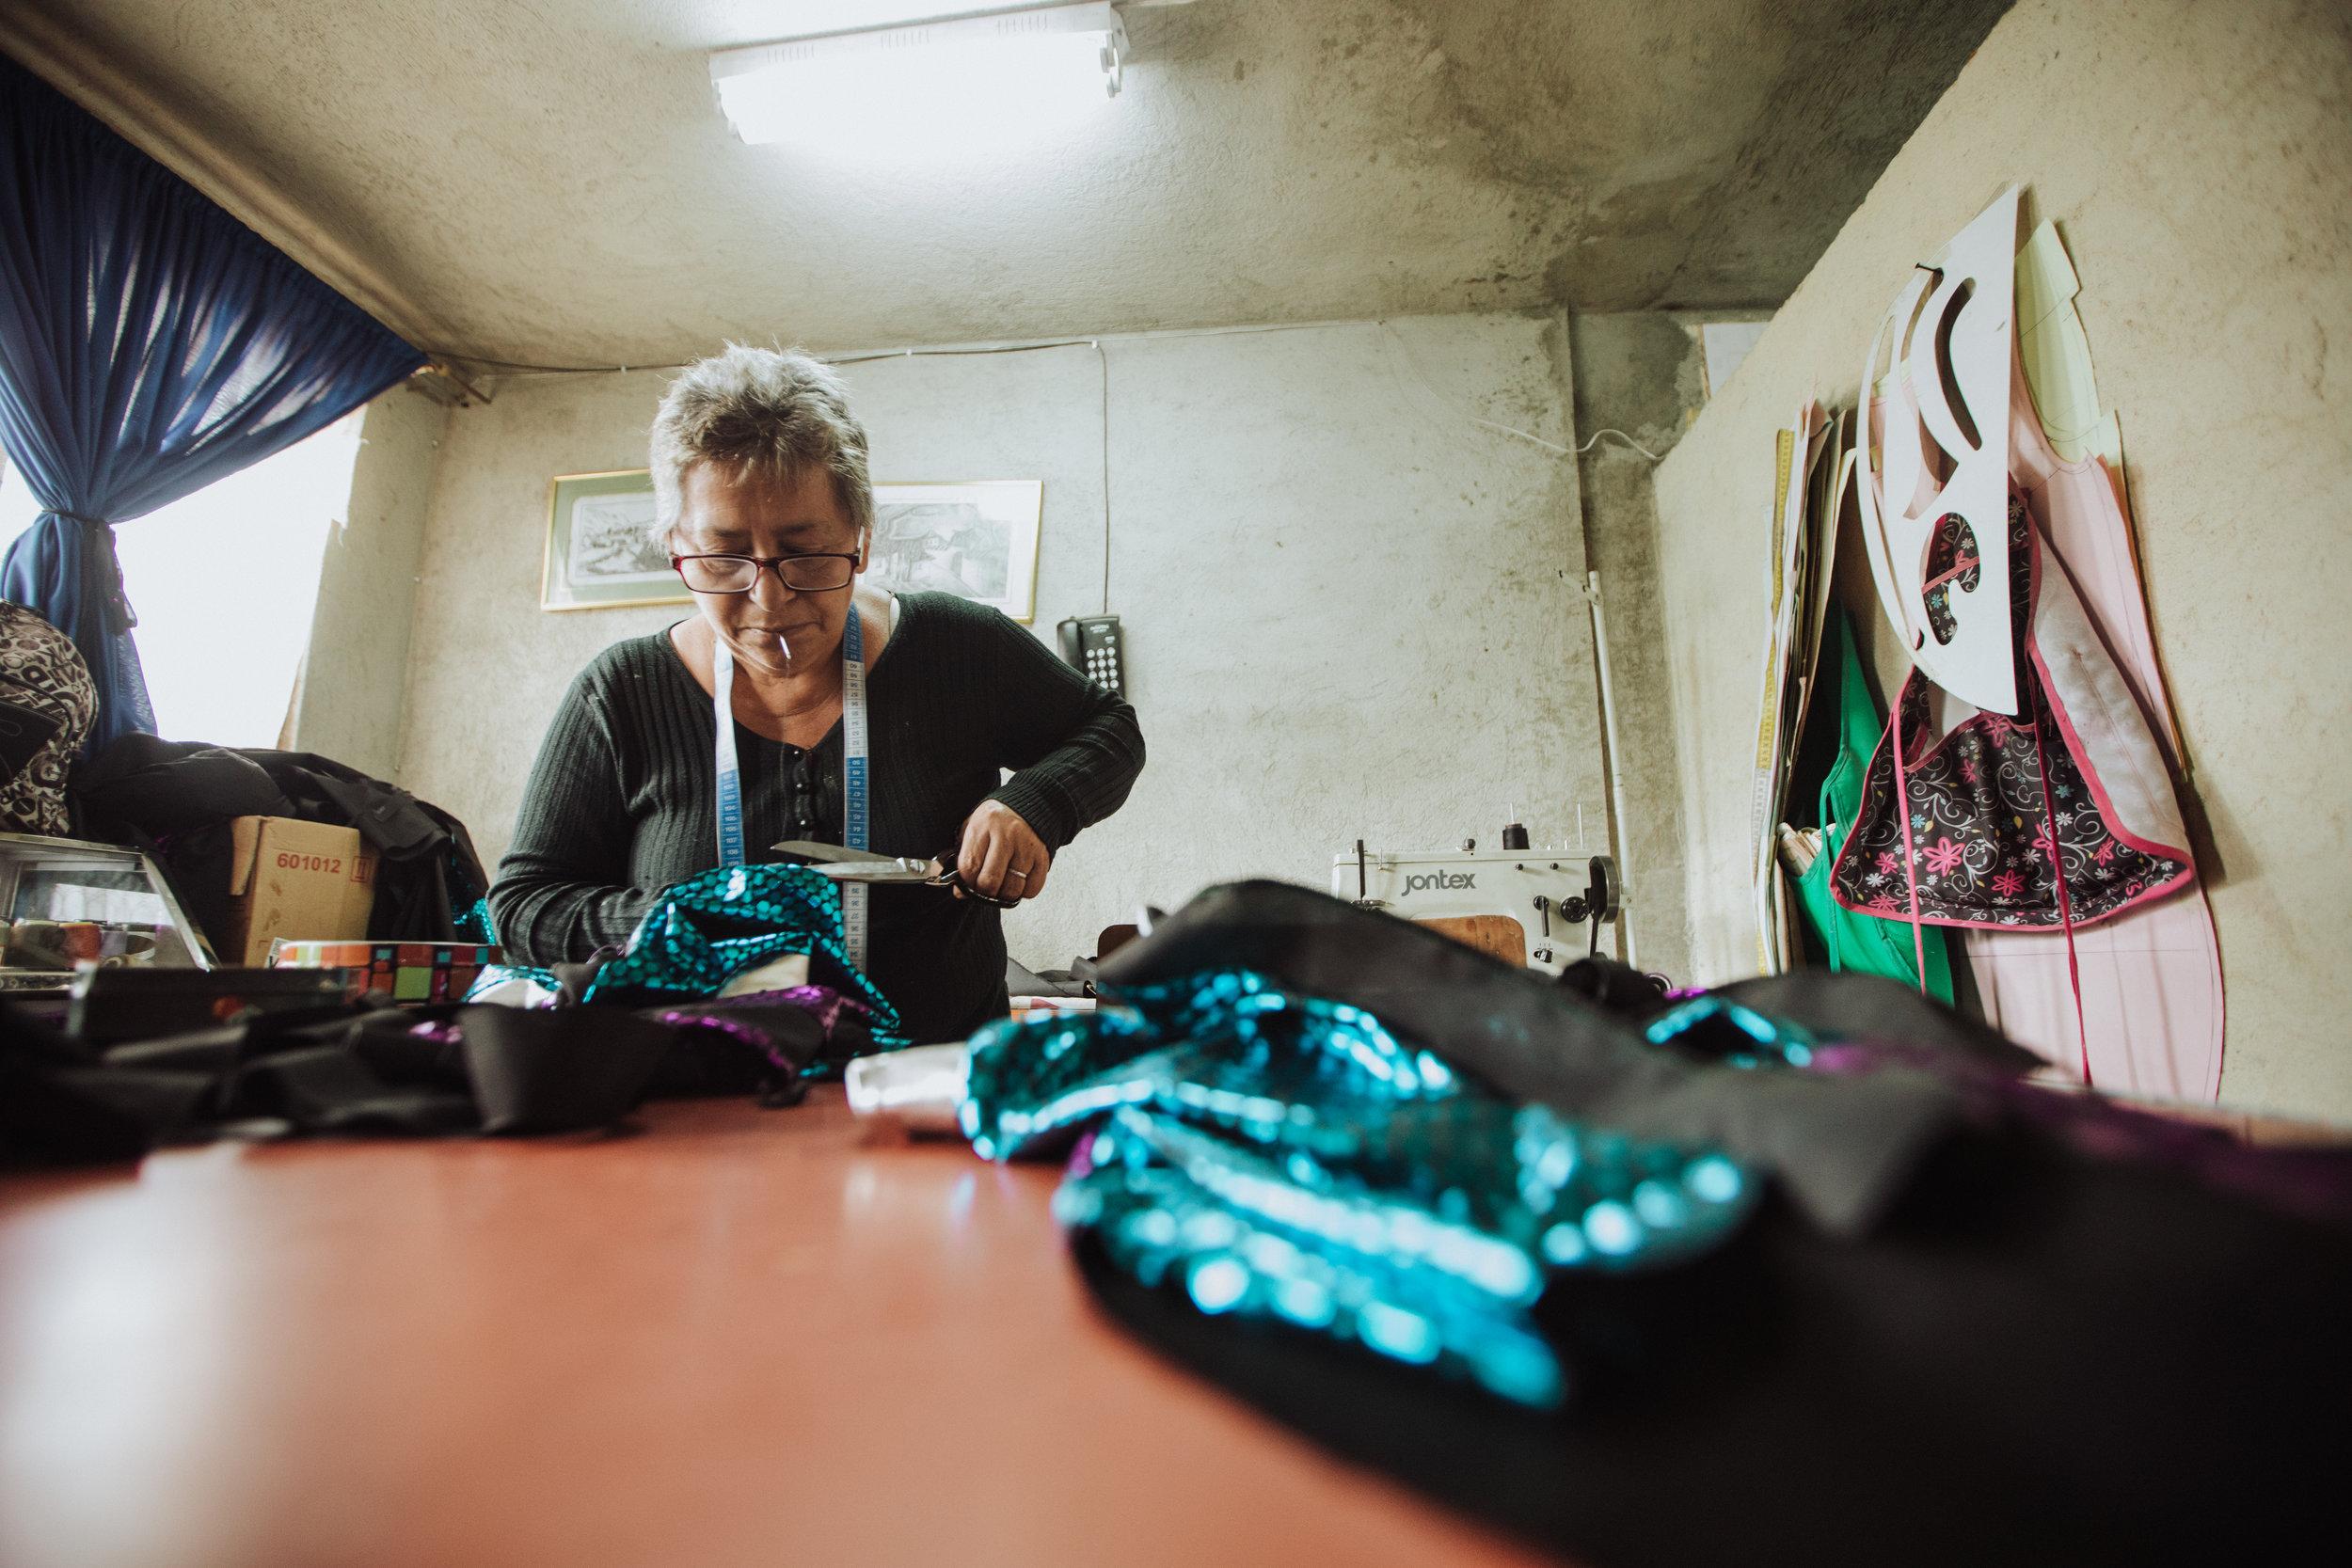 Fotos: Alejandra Muñoz, Madre de Héctor confeccionado los disfraces, 2018.